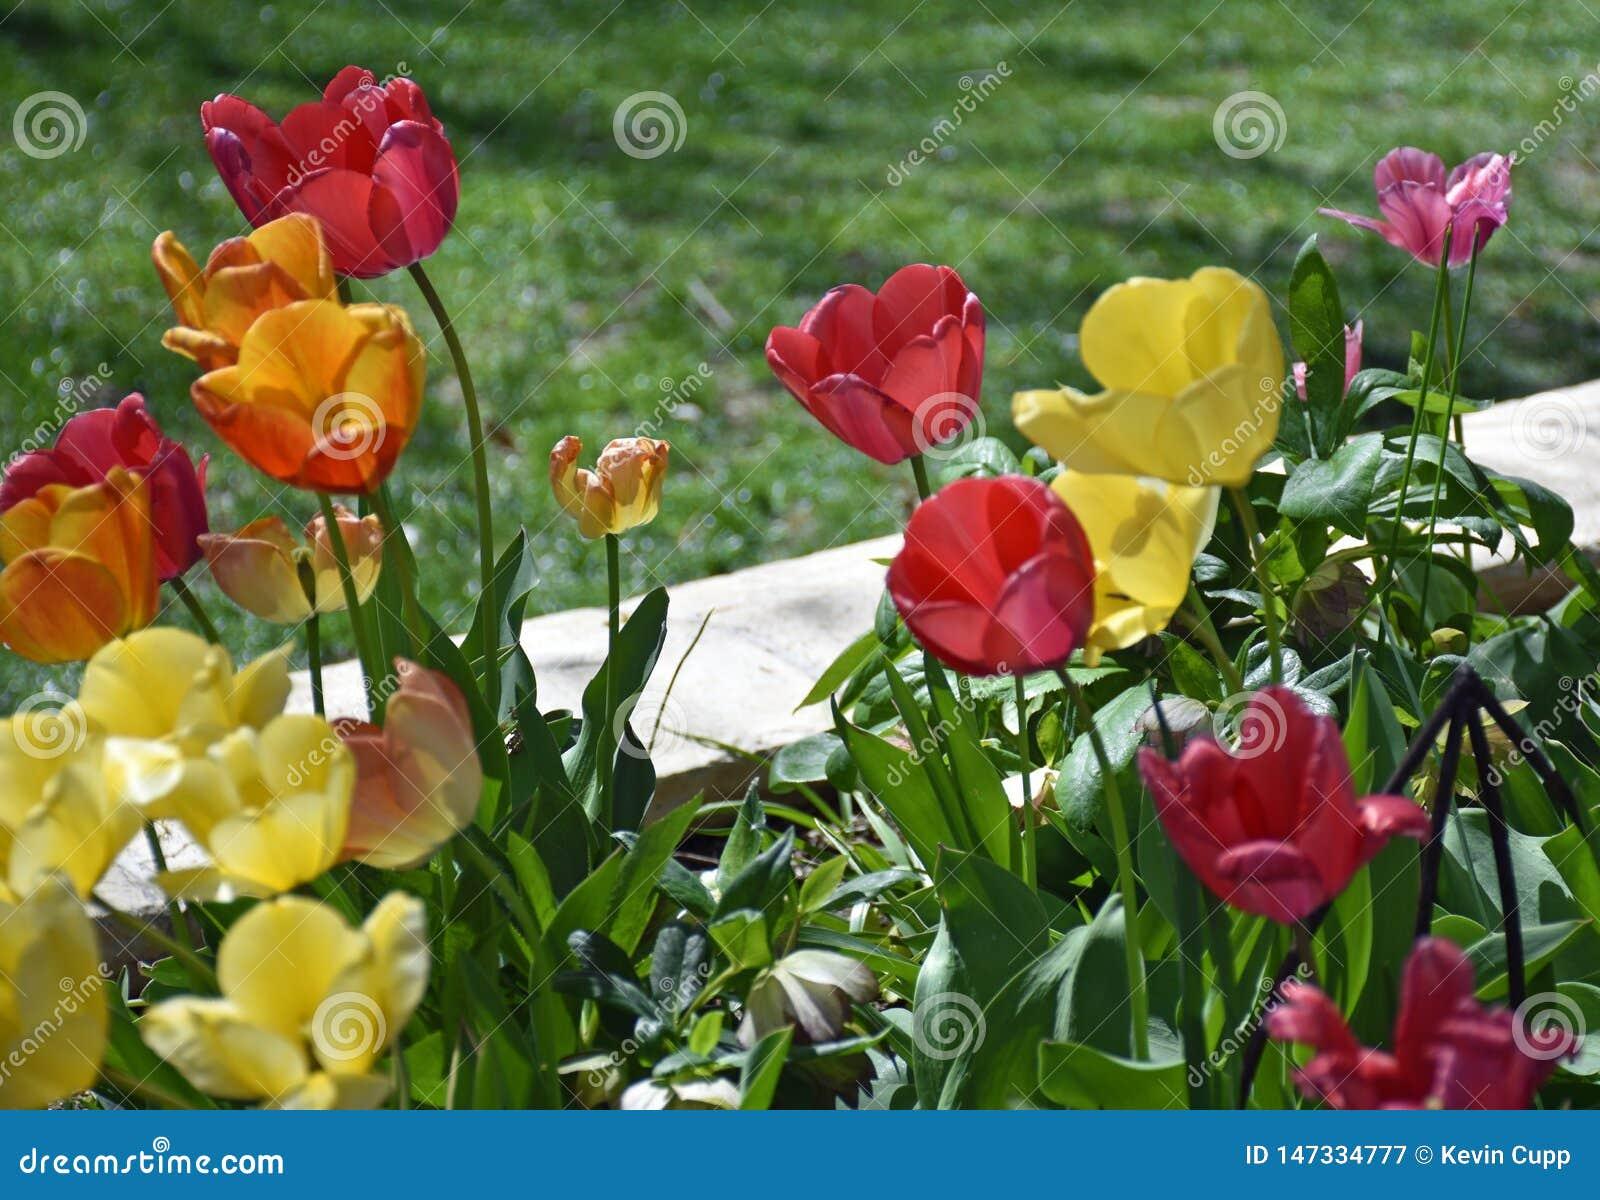 郁金香在春天的花床